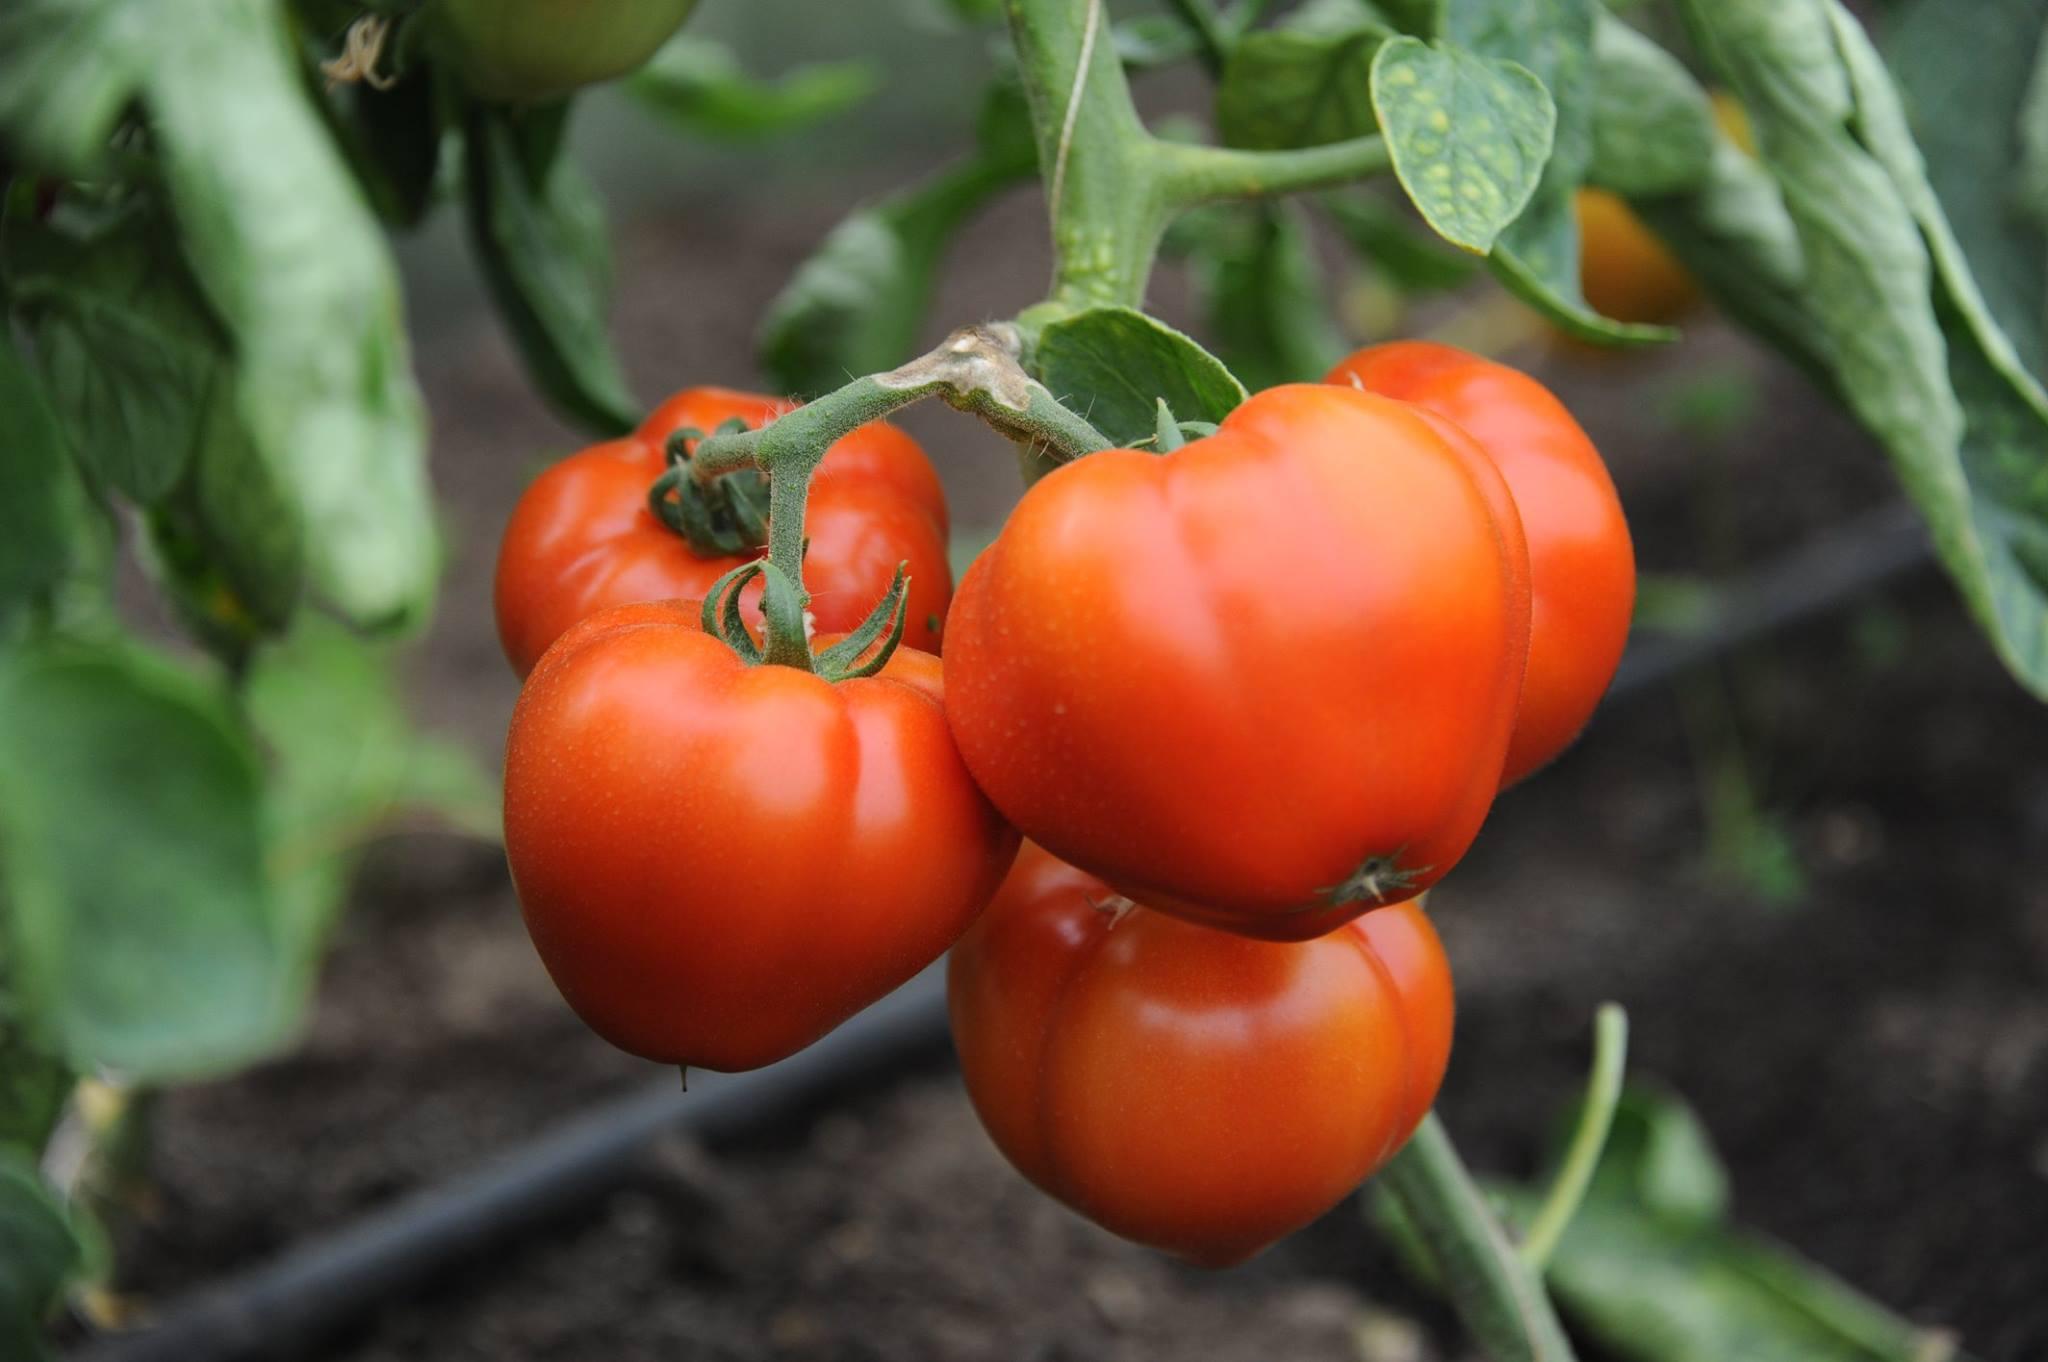 20 martie si 15 septembrie, termenele pana la care se face inscrierea in programul Tomata, in acest an!